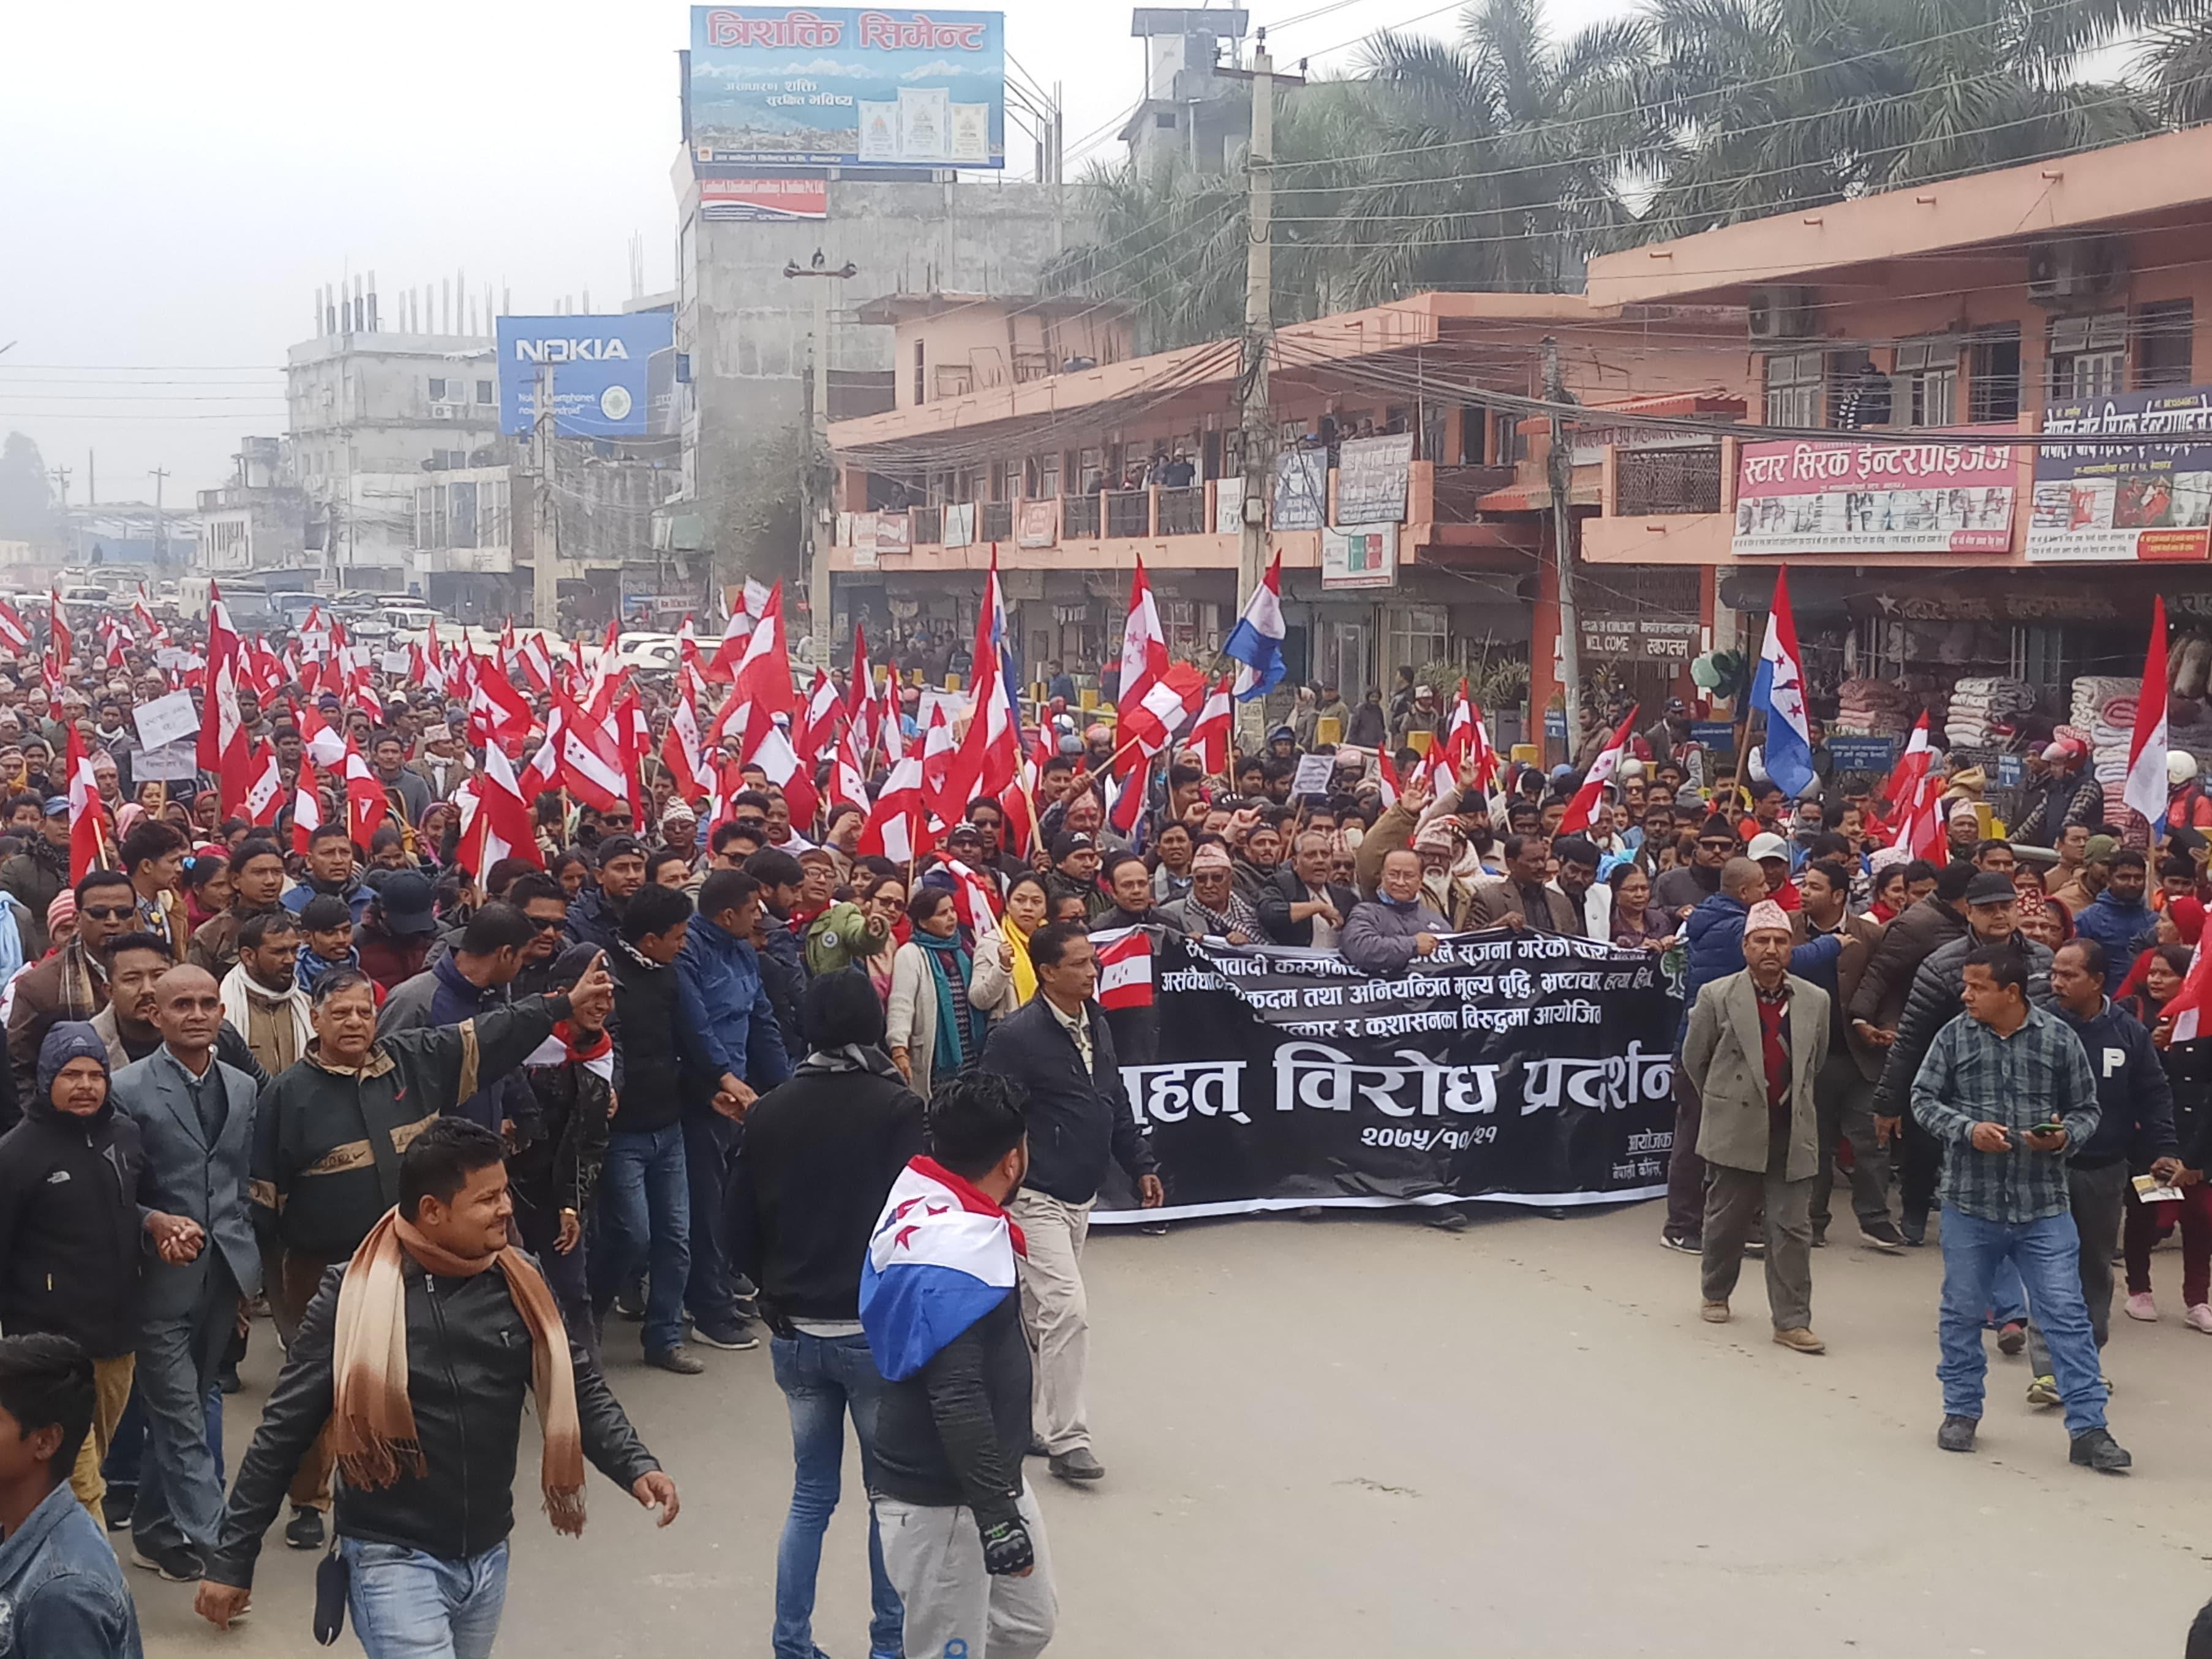 नेपाली काँग्रेस बाँकेको नेपालगन्जमा जनप्रर्दशन सुरु फोटो फिचर सहित